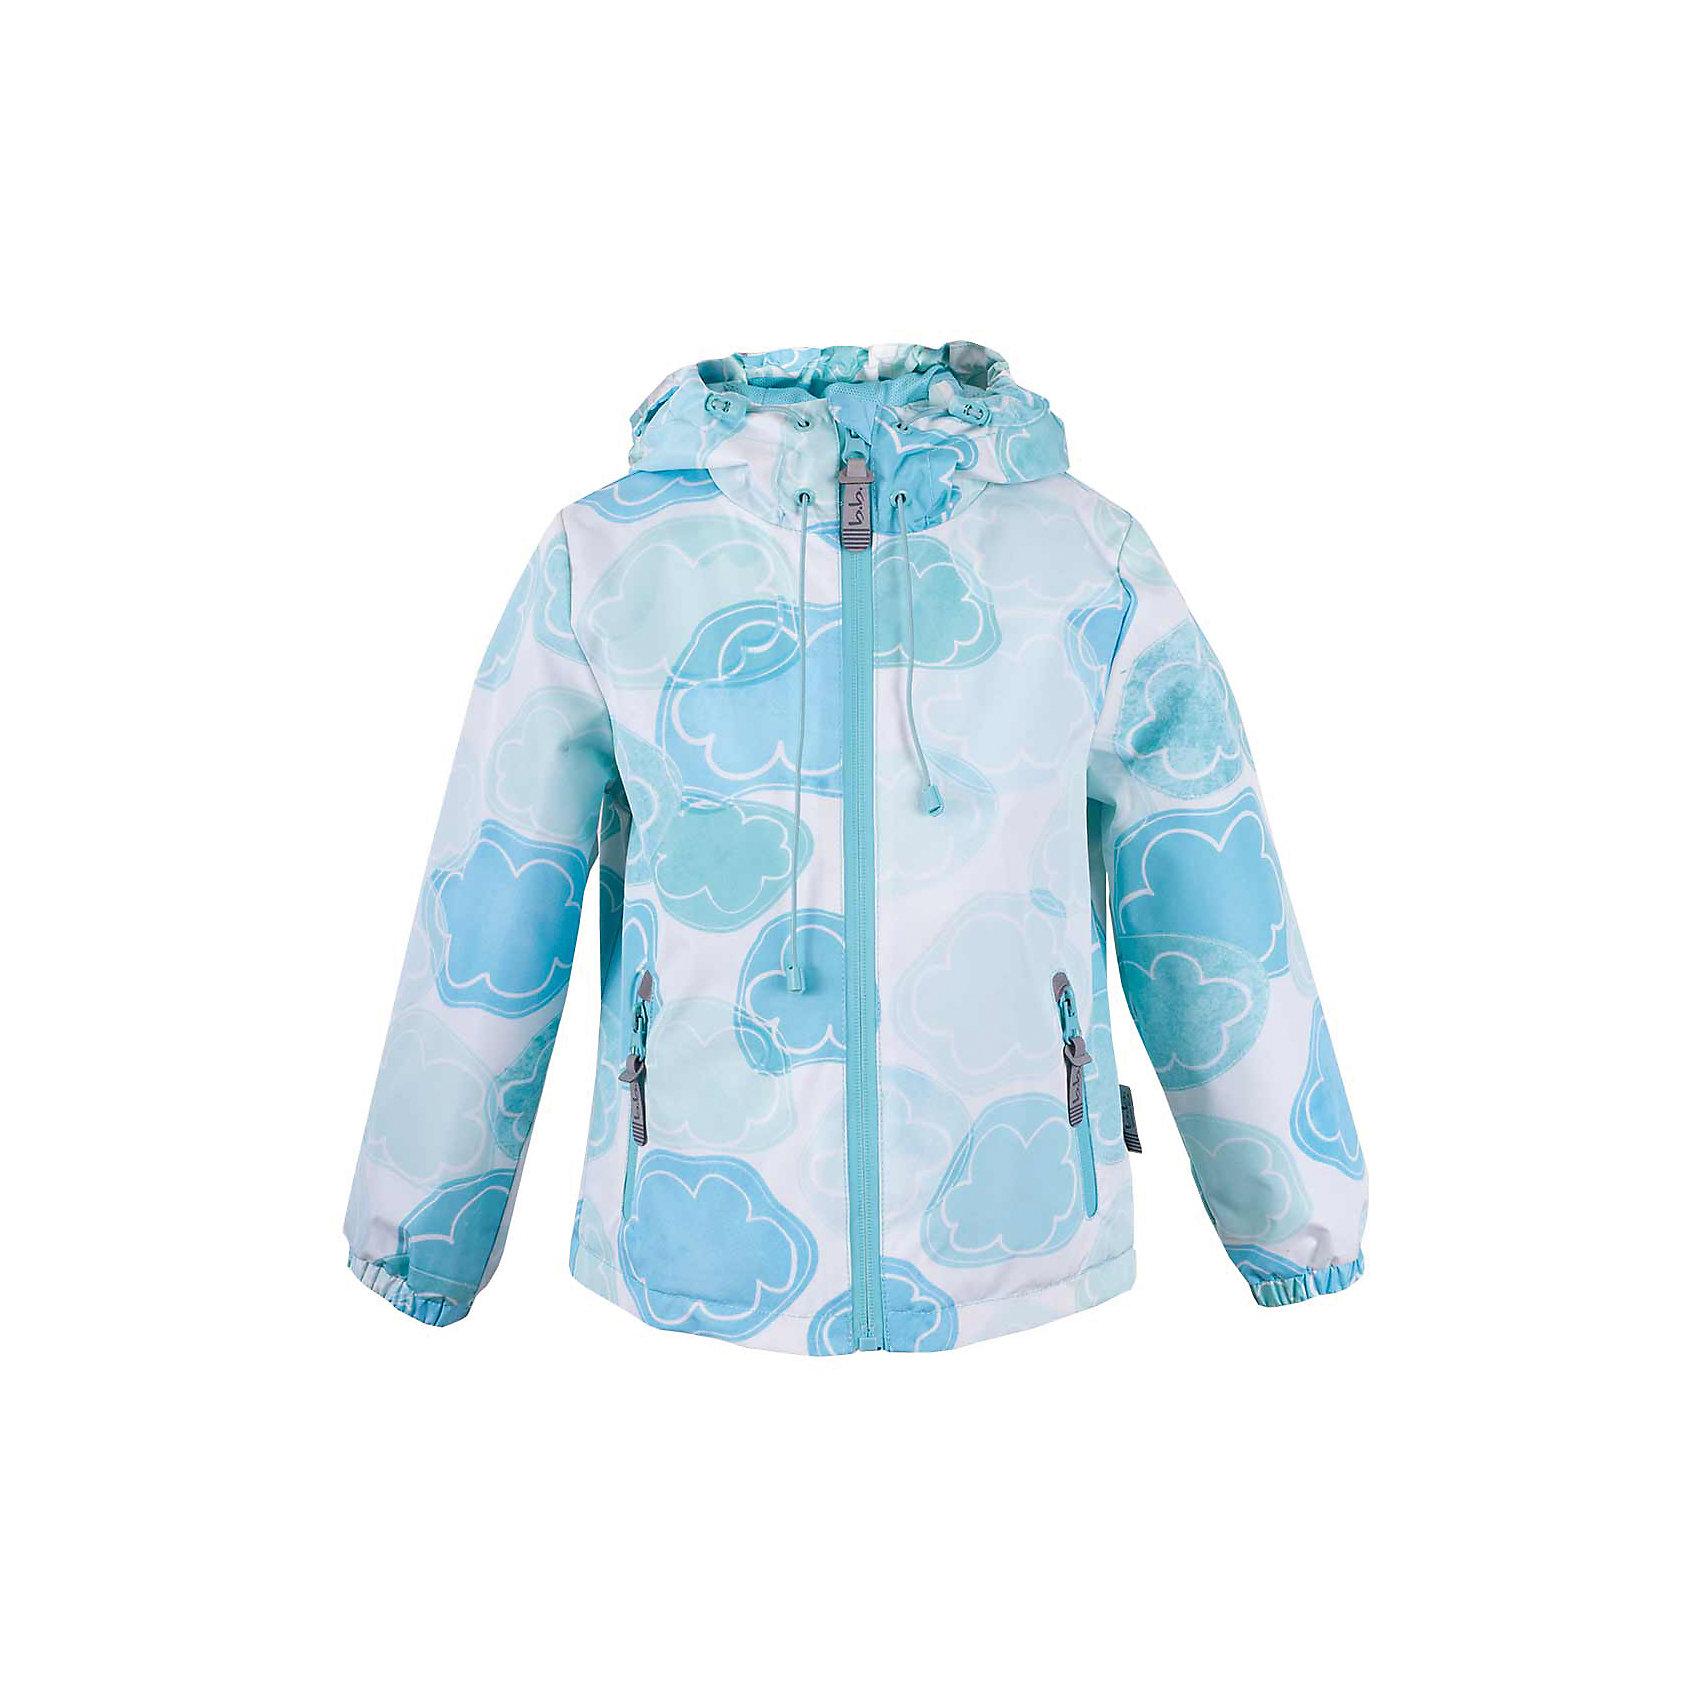 Куртка  для девочки  BUTTON BLUEКуртка  для девочки  BUTTON BLUE<br>Отличная ветровка для девочки понравится всем, кто любит активный отдых. Ветровка сделана с соблюдением технологических особенностей производства спортивной одежды. Она не промокает, специальная подкладка создает комфорт при длительной носке, светоотражающие элементы способствуют безопасности ребенка. Оригинальная водоотталкивающая ткань с эффектным   рисунком, а также цветная подкладка и фурнитура делают куртку яркой. Если вы хотите купить отличную детскую ветровку недорого, не сомневаясь в ее качестве и комфорте, ветровка от Button Blue - то, что нужно!<br>Состав:<br>Ткань  верха: 100% полиэстер, подклад: 100% полиэстер<br><br>Ширина мм: 356<br>Глубина мм: 10<br>Высота мм: 245<br>Вес г: 519<br>Цвет: разноцветный<br>Возраст от месяцев: 120<br>Возраст до месяцев: 132<br>Пол: Женский<br>Возраст: Детский<br>Размер: 146,152,158,98,104,110,116,122,128,134,140<br>SKU: 5524813